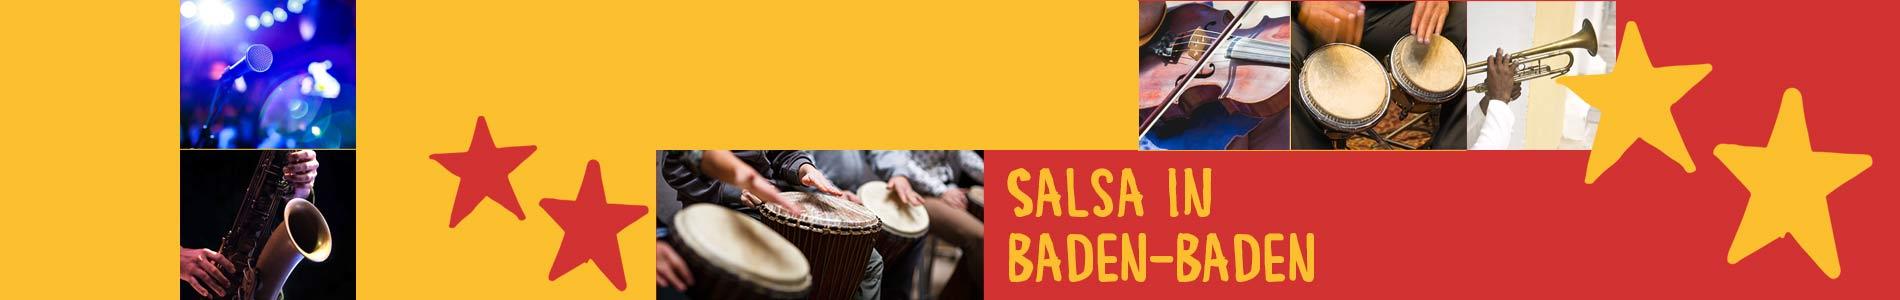 Salsa in Baden-Baden – Salsa lernen und tanzen, Tanzkurse, Partys, Veranstaltungen